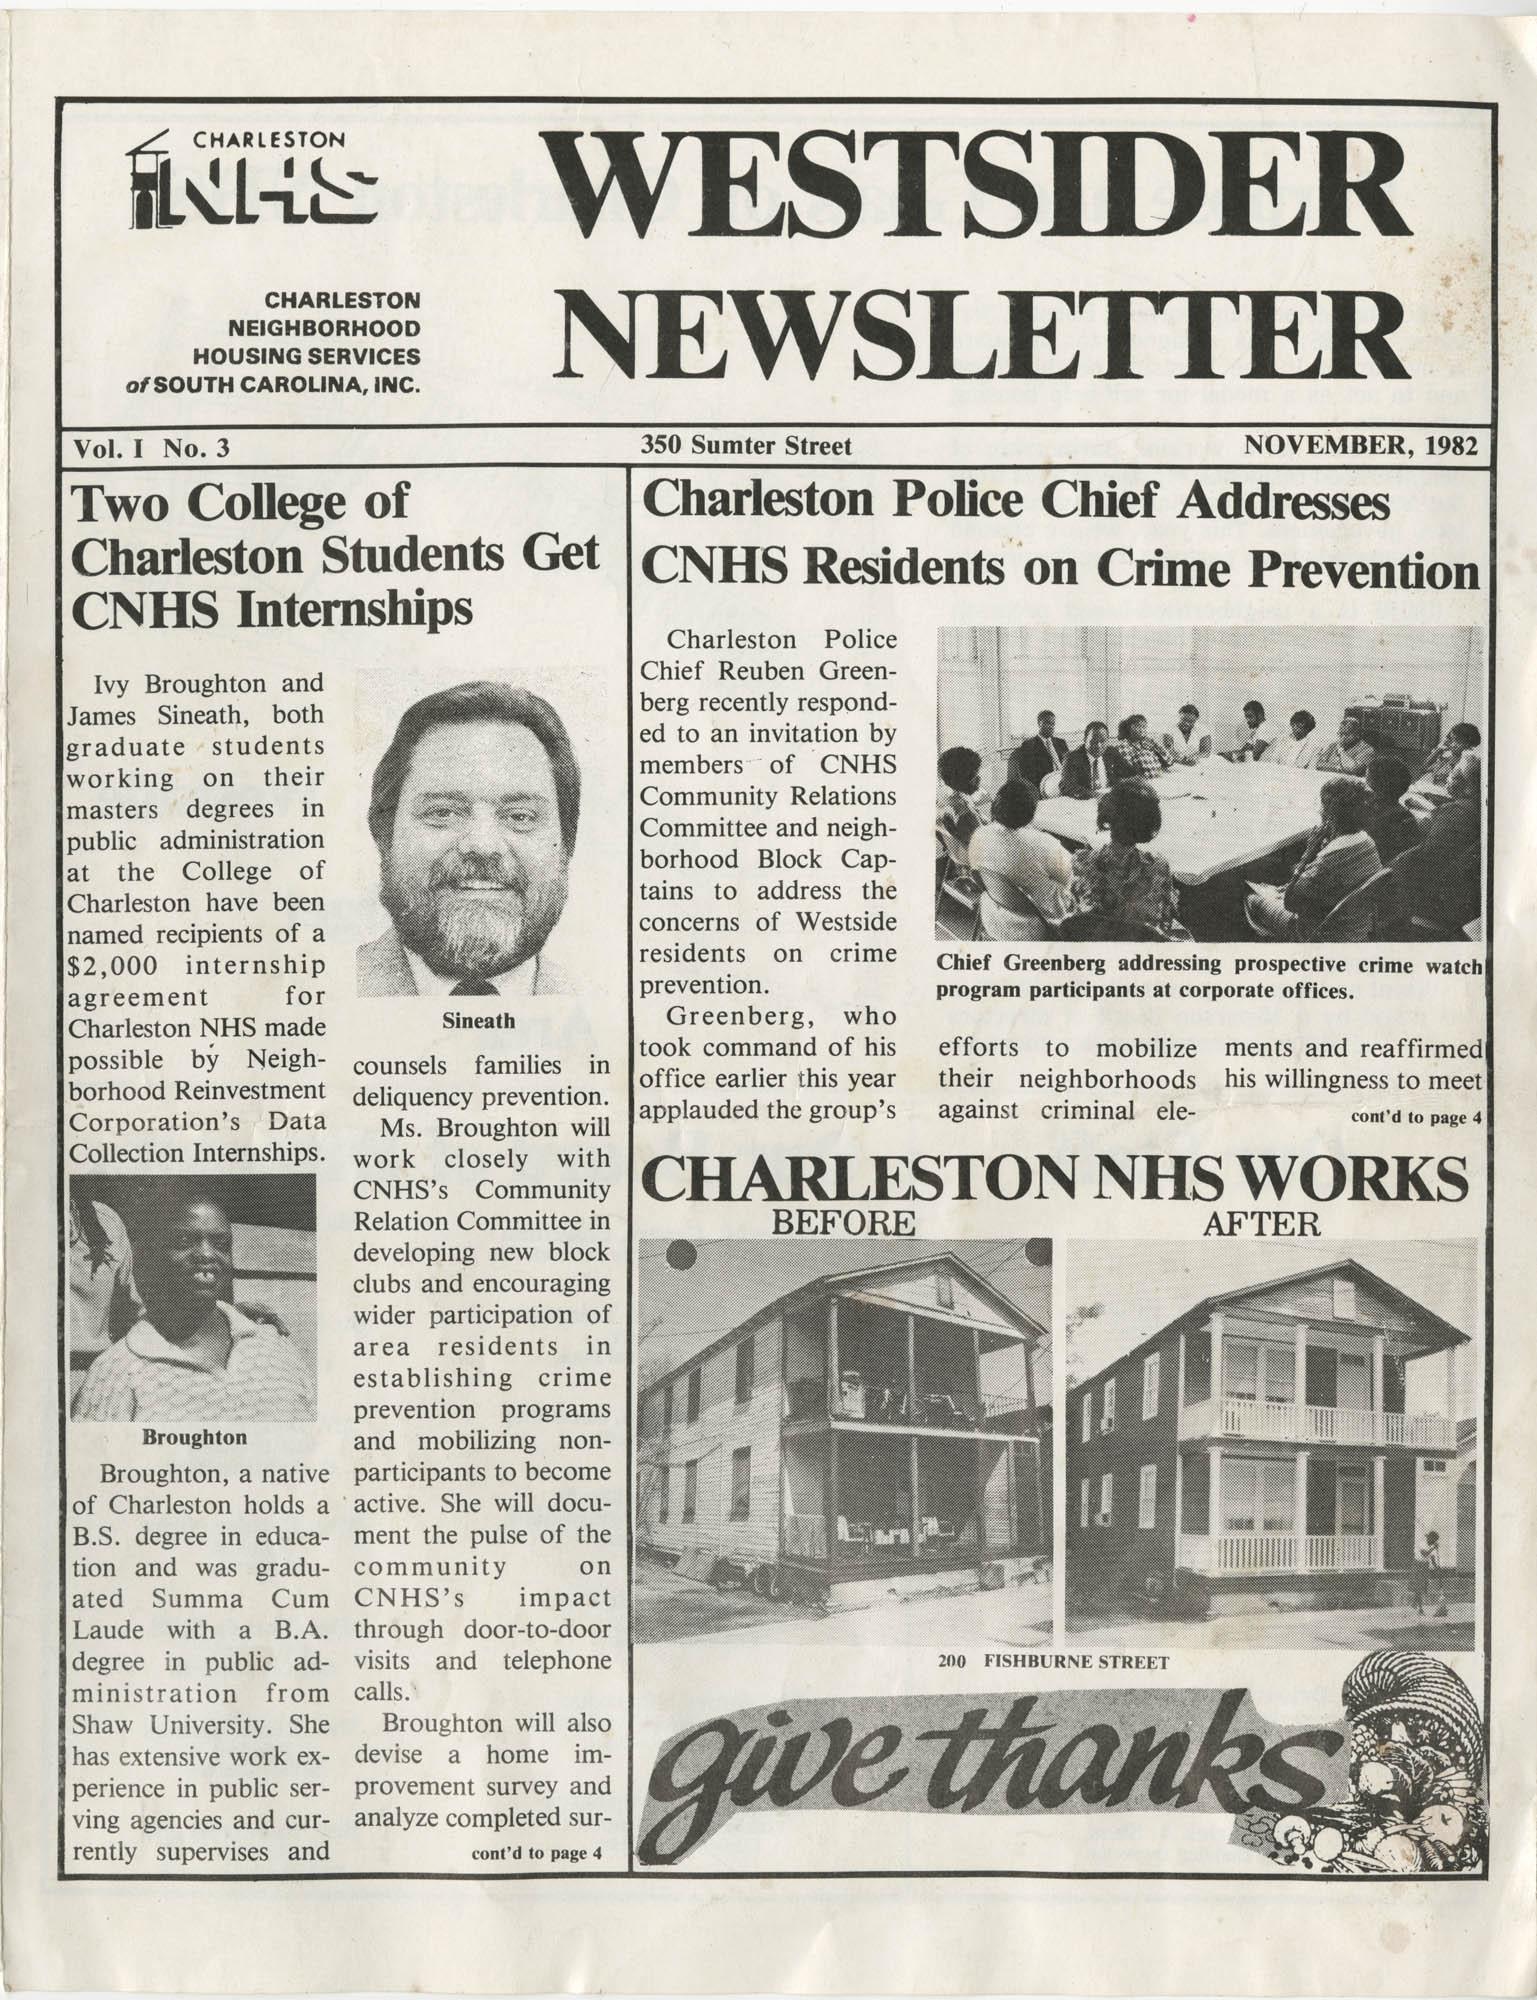 Westsider Newsletter, Vol. 1, No. 3, November 1982